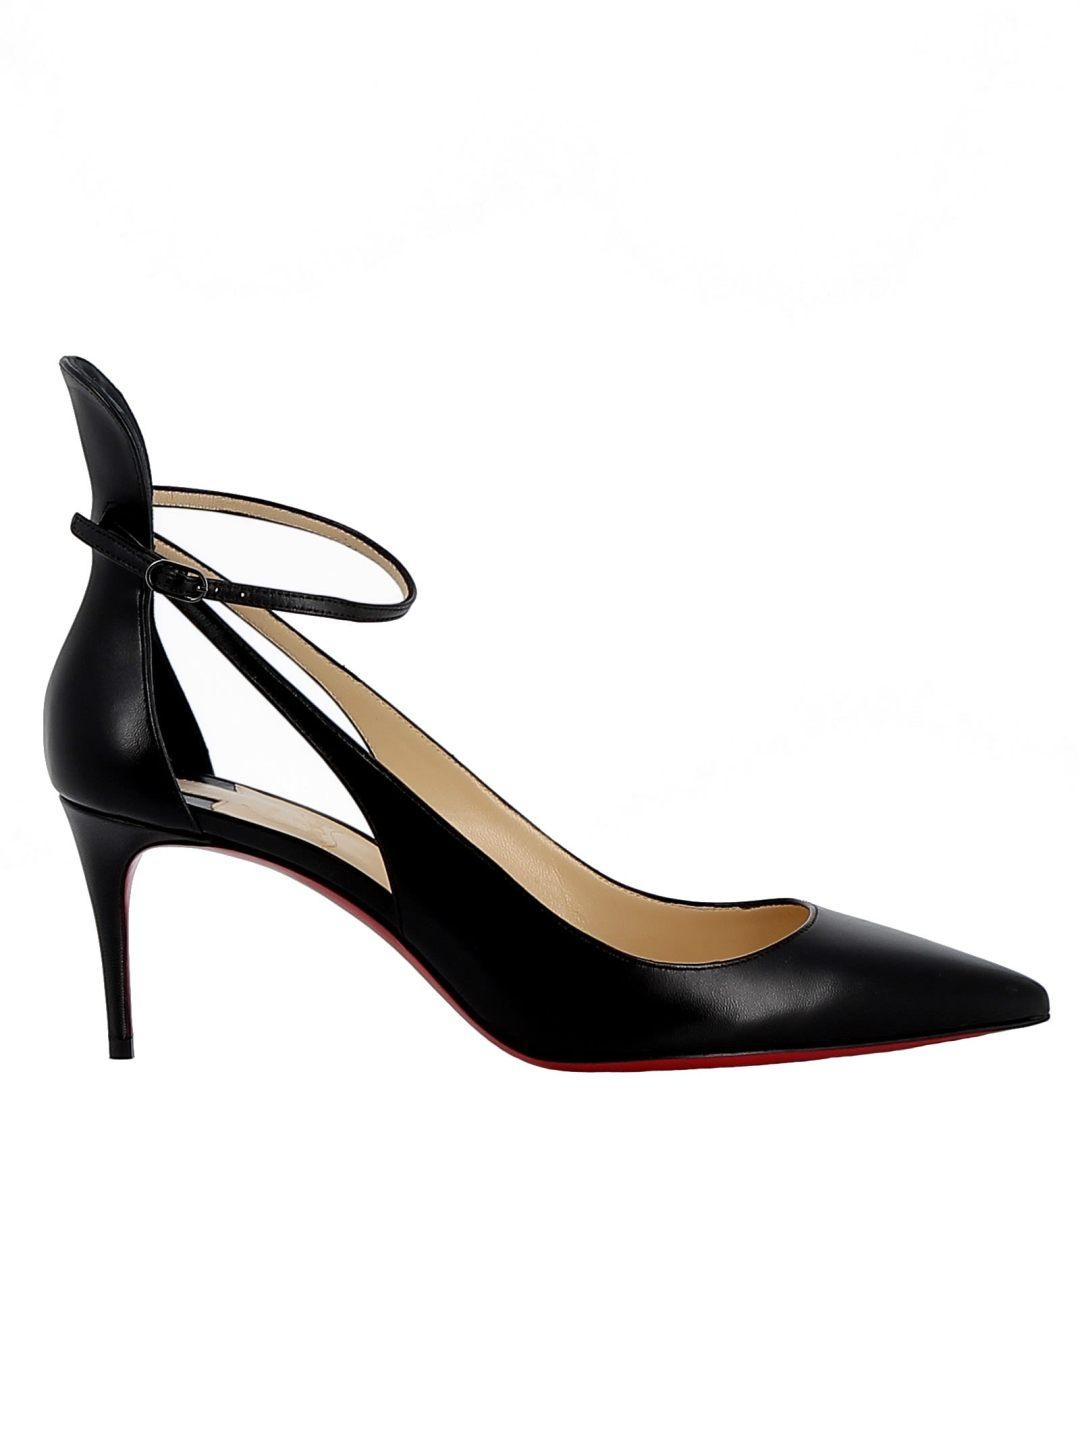 a4e61146830e Christian Louboutin Black Leather Sandals – Italist.com US –  716.23